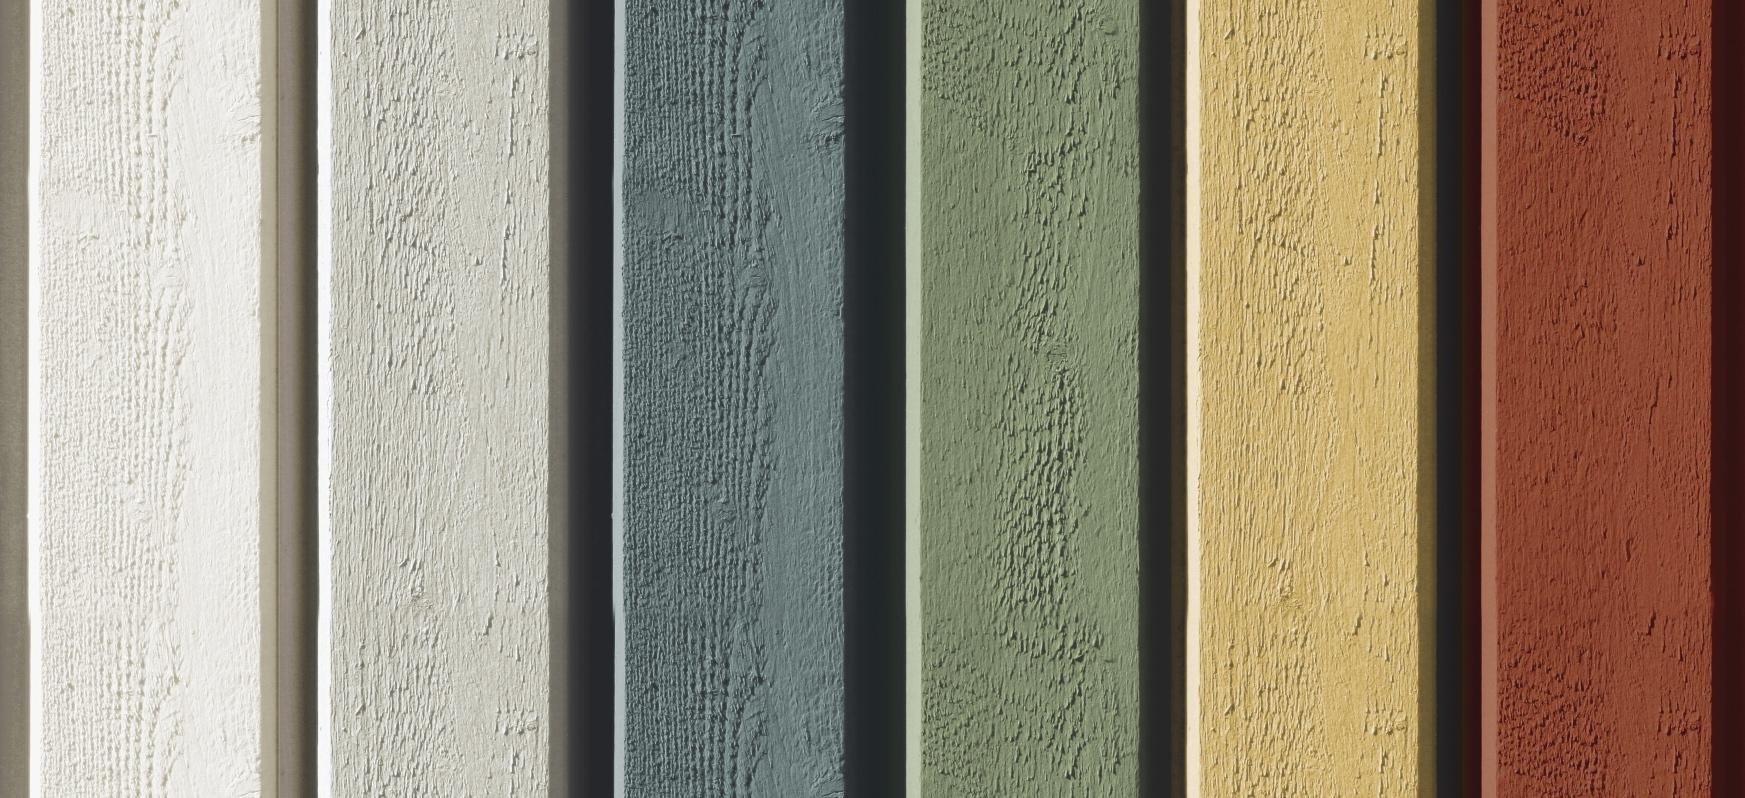 Schwedischer Farbenhandel Erfahrungen : schwedische farben von moose f rg holzfarbe ~ Watch28wear.com Haus und Dekorationen